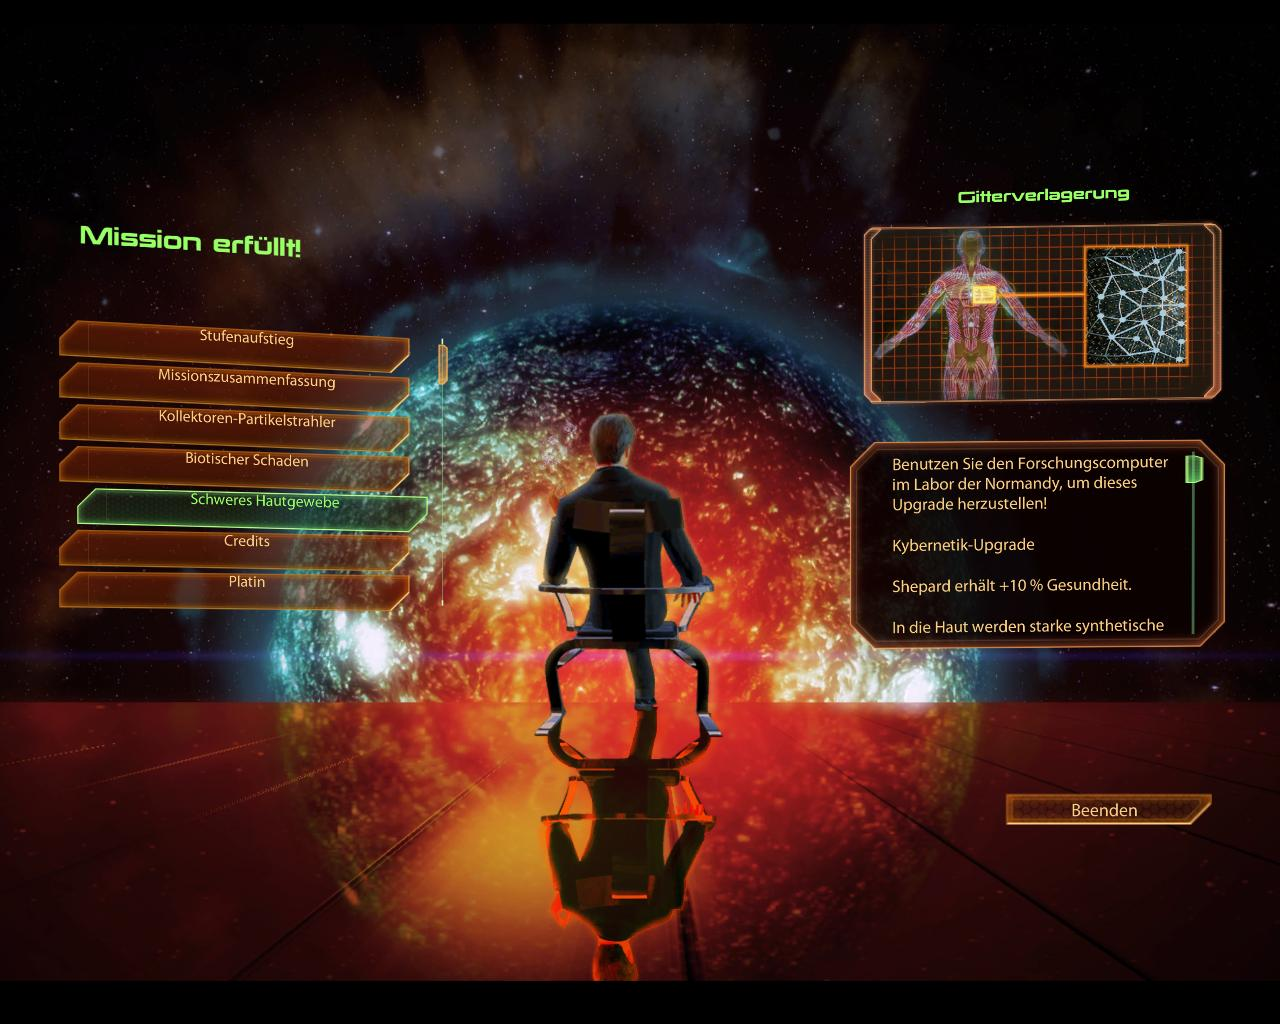 Spielestatistik: Nur die Hälfte hat Mass Effect 2 durchgespielt - Mass Effect 2 (PC)